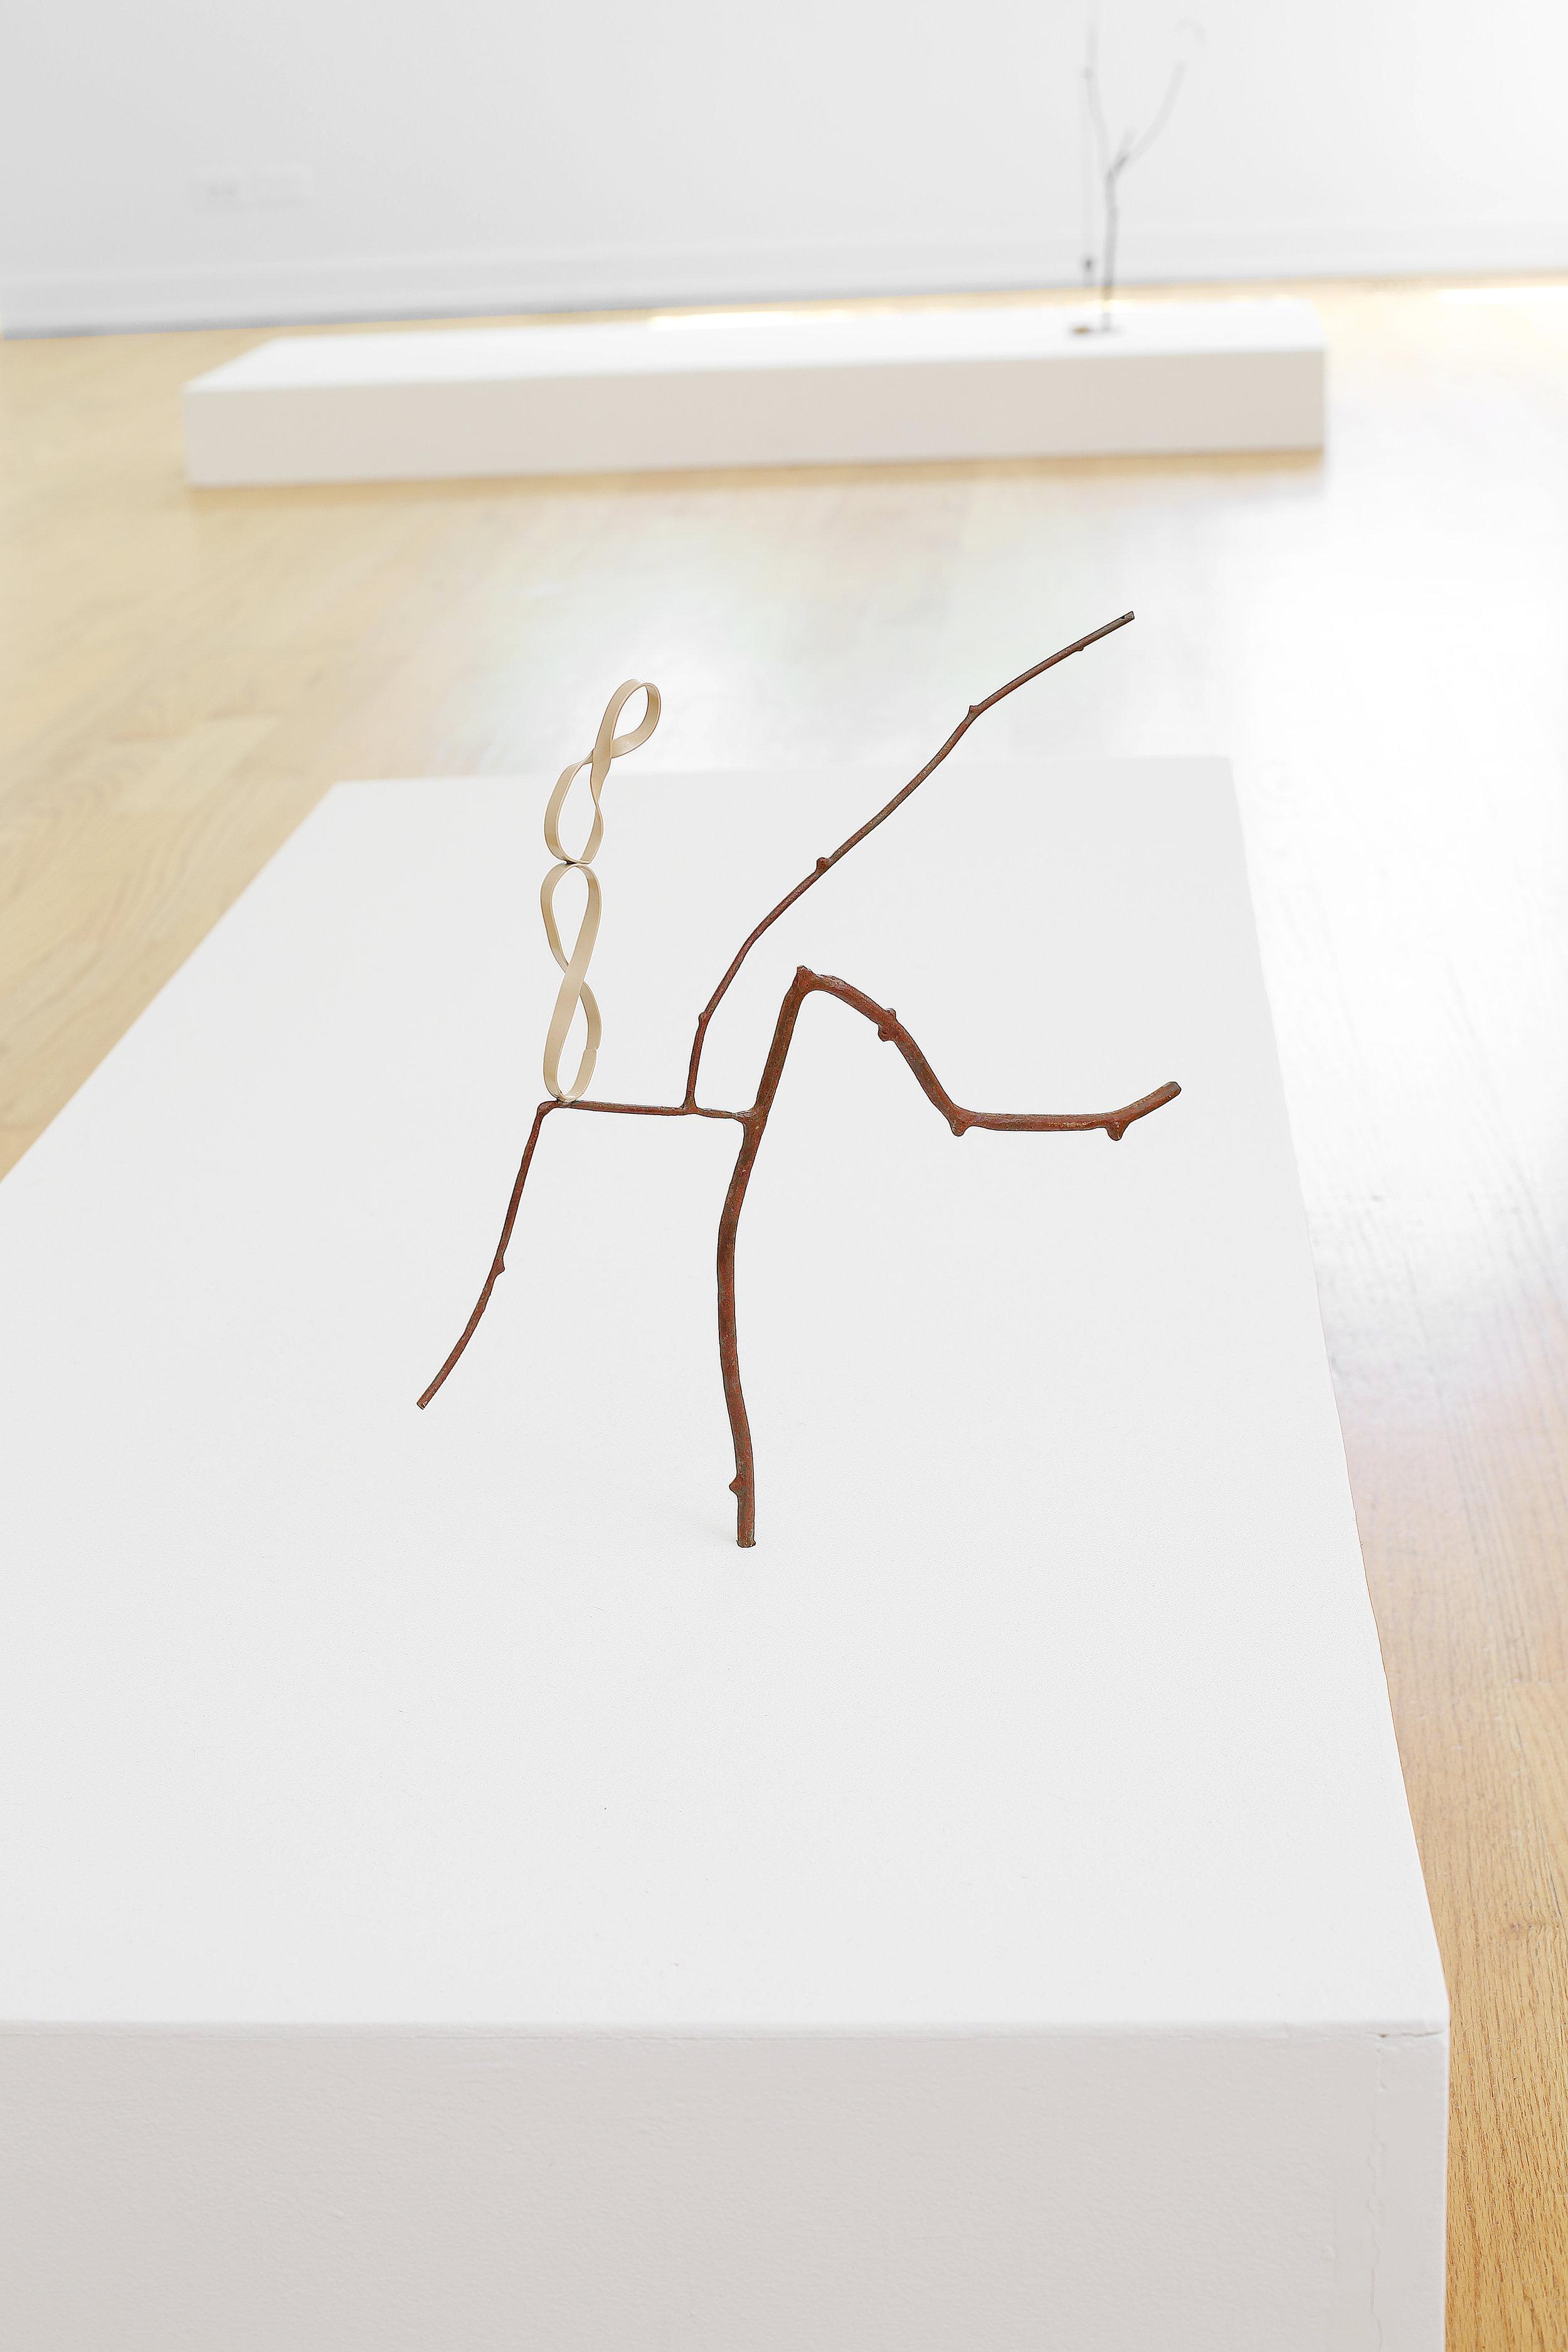 Lesley Jackson,   Balancing Eternity on Your Knee , 2017,Steel twig, steel rubber bands, enamel